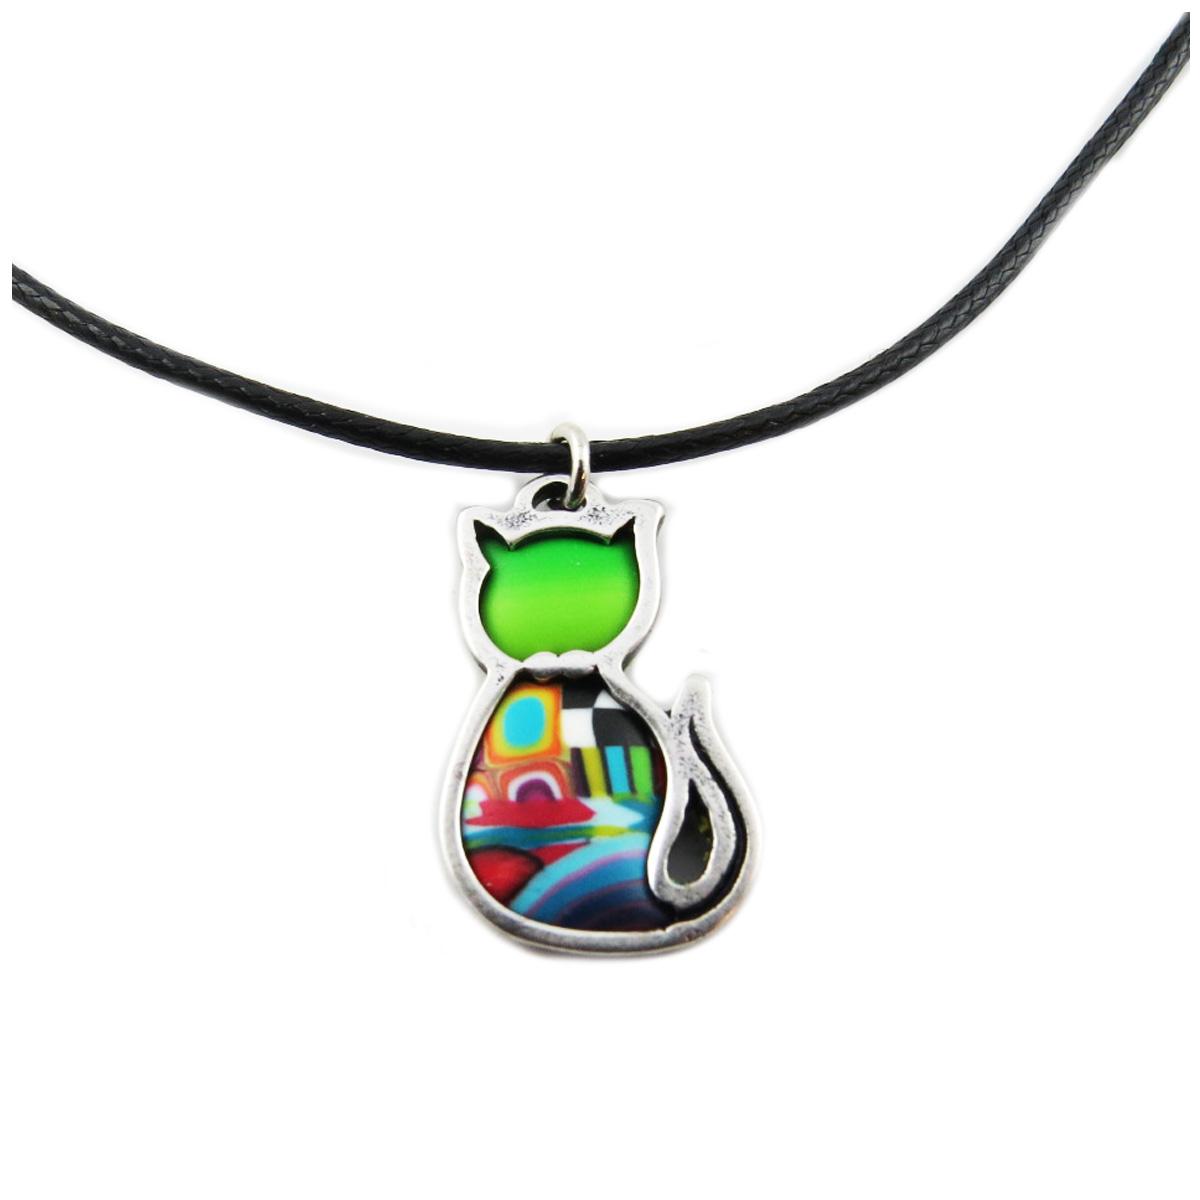 Collier artisanal \'Colombine & Arlequin\' vert multicolore argenté - 22x15 mm (chat) - [R1267]